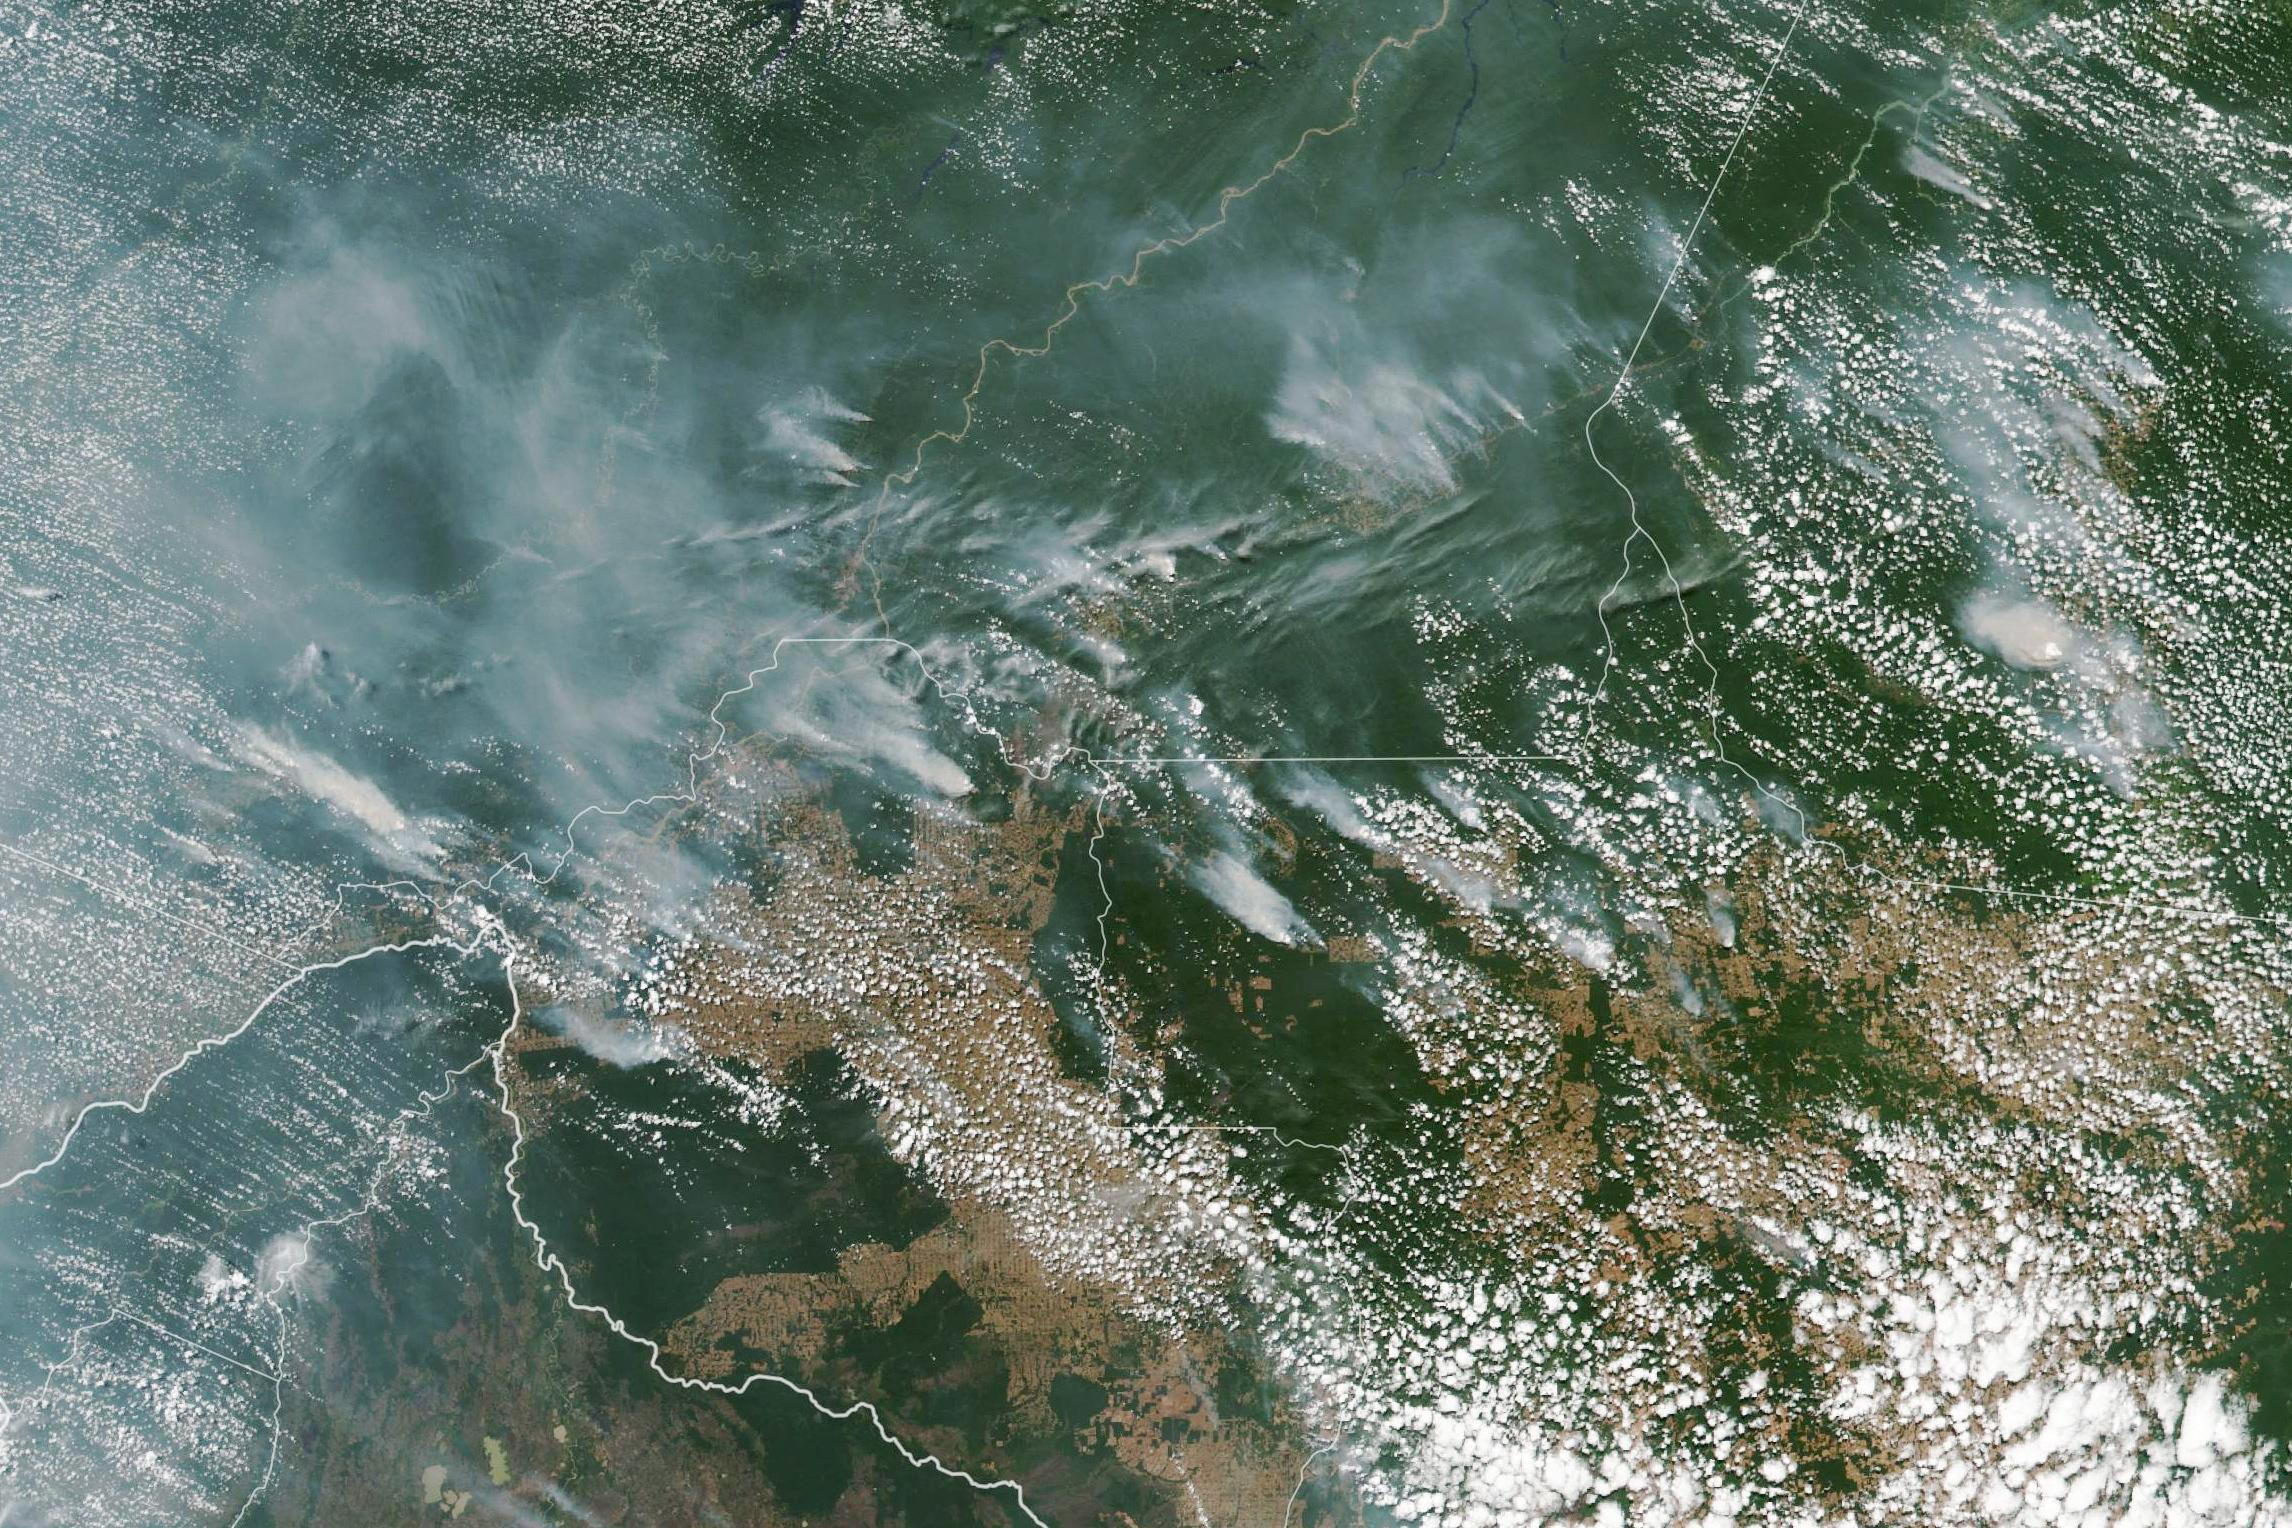 Mais de metade dos fogos no Brasil estão a acontecer na Amazónia. O que se passa no pulmão do mundo?